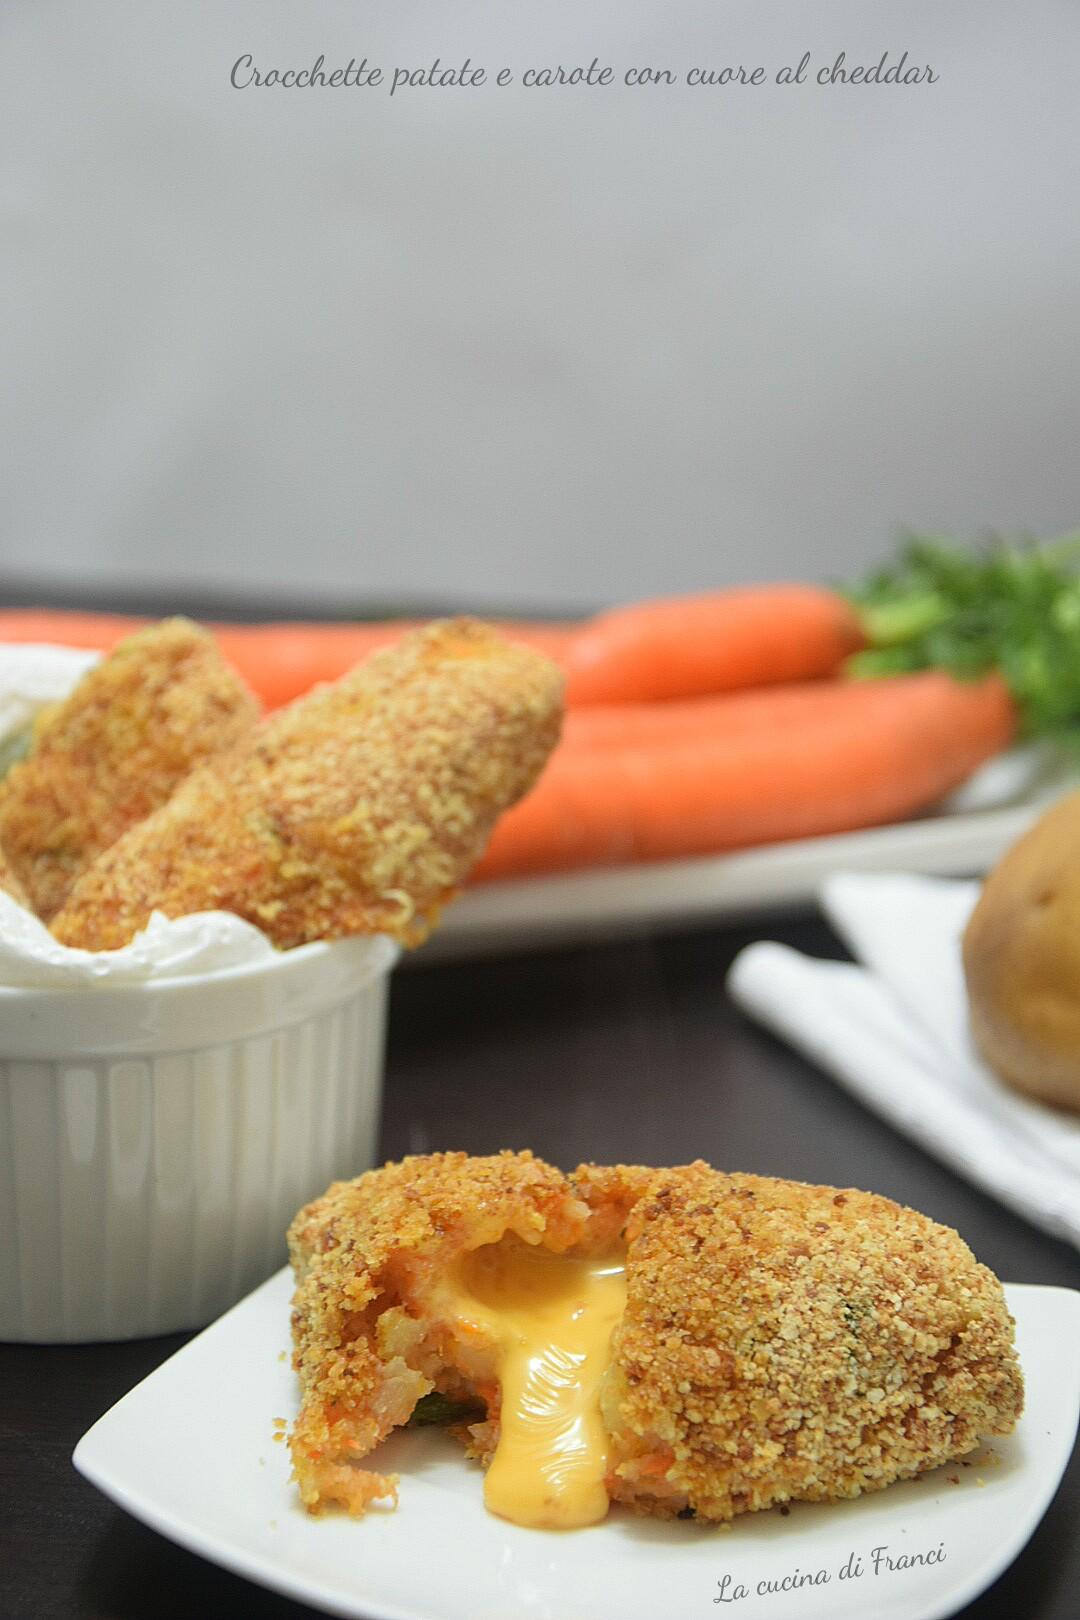 Crocchette patate e carote filanti 6